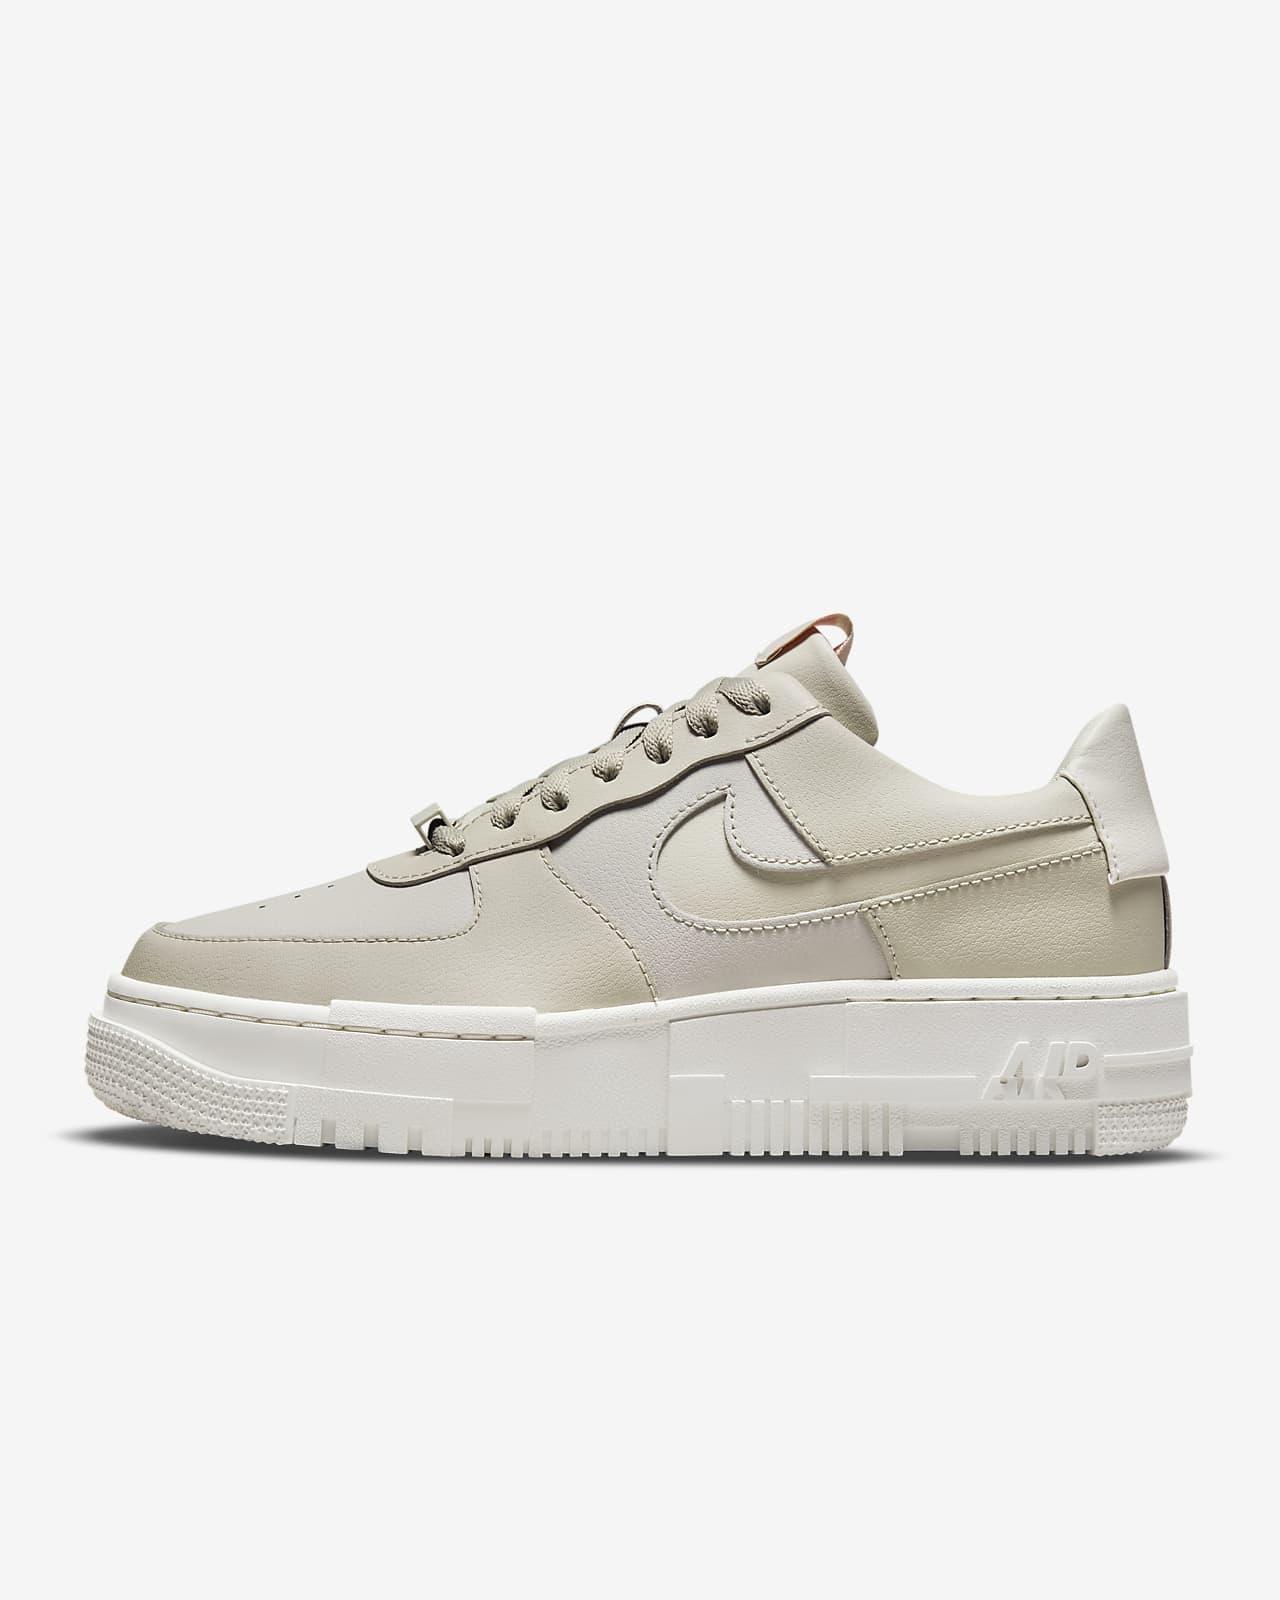 รองเท้าผู้หญิง Nike Air Force 1 Pixel